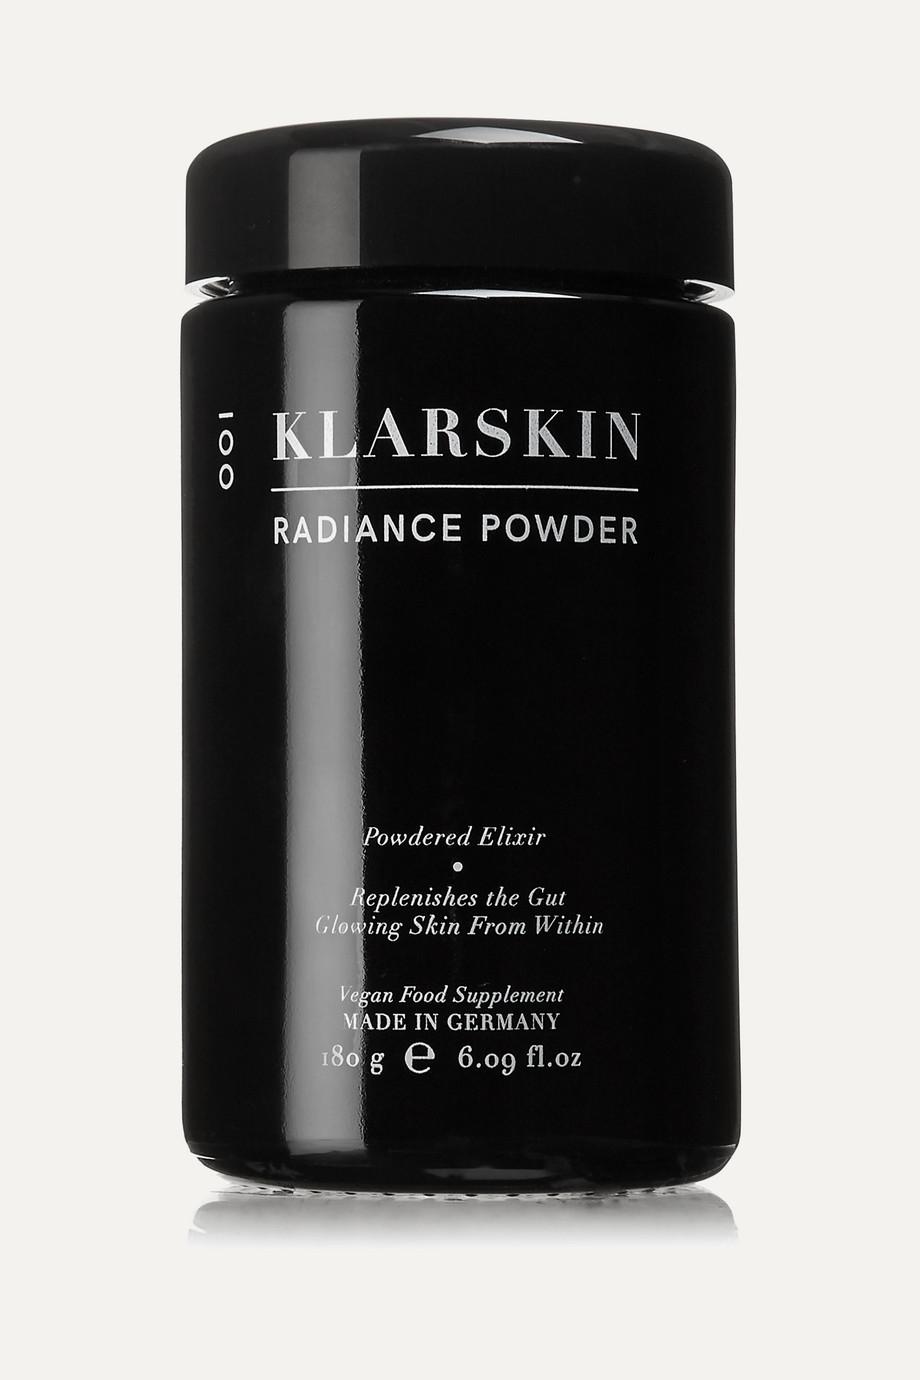 Klarskin Radiance Powder, 180g